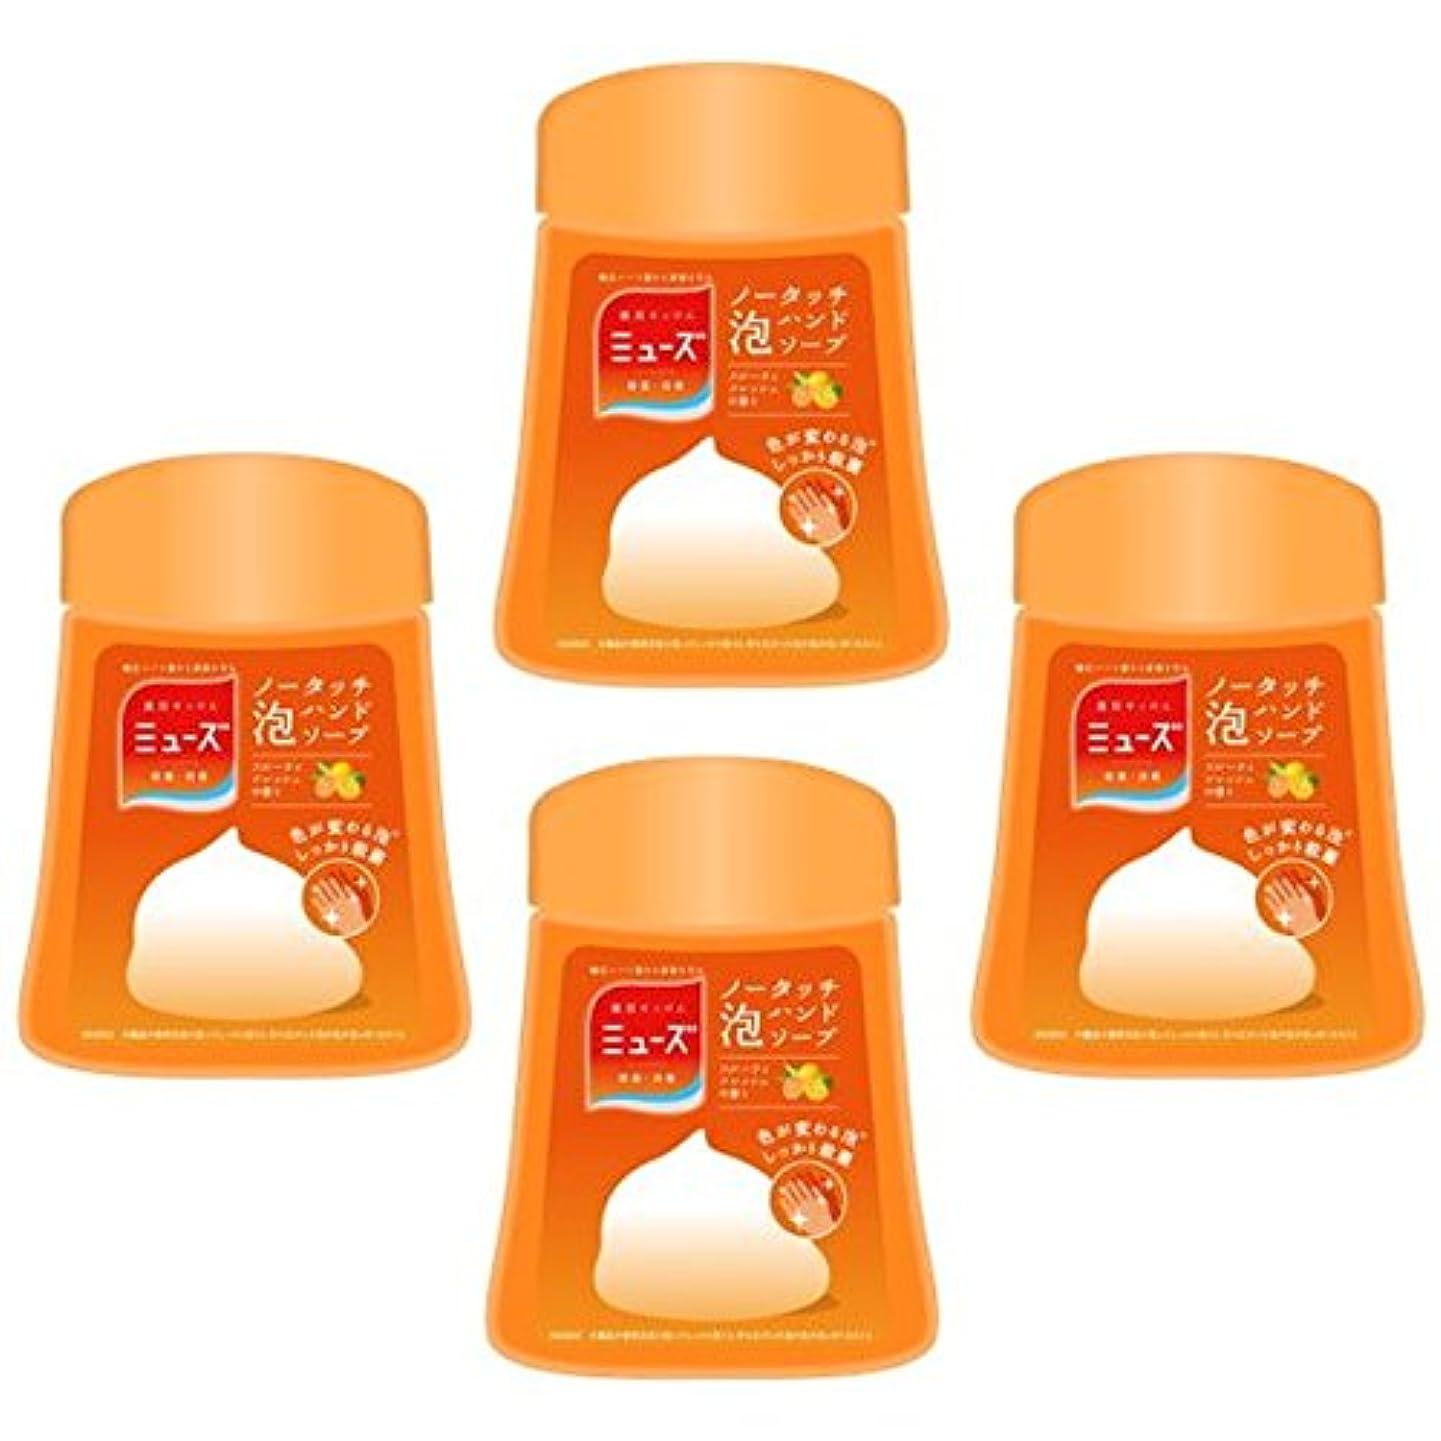 発表する三角スムーズにミューズ ノータッチ 泡ハンドソープ フルーティフレッシュの香り 詰替え 250ml ×4個セット